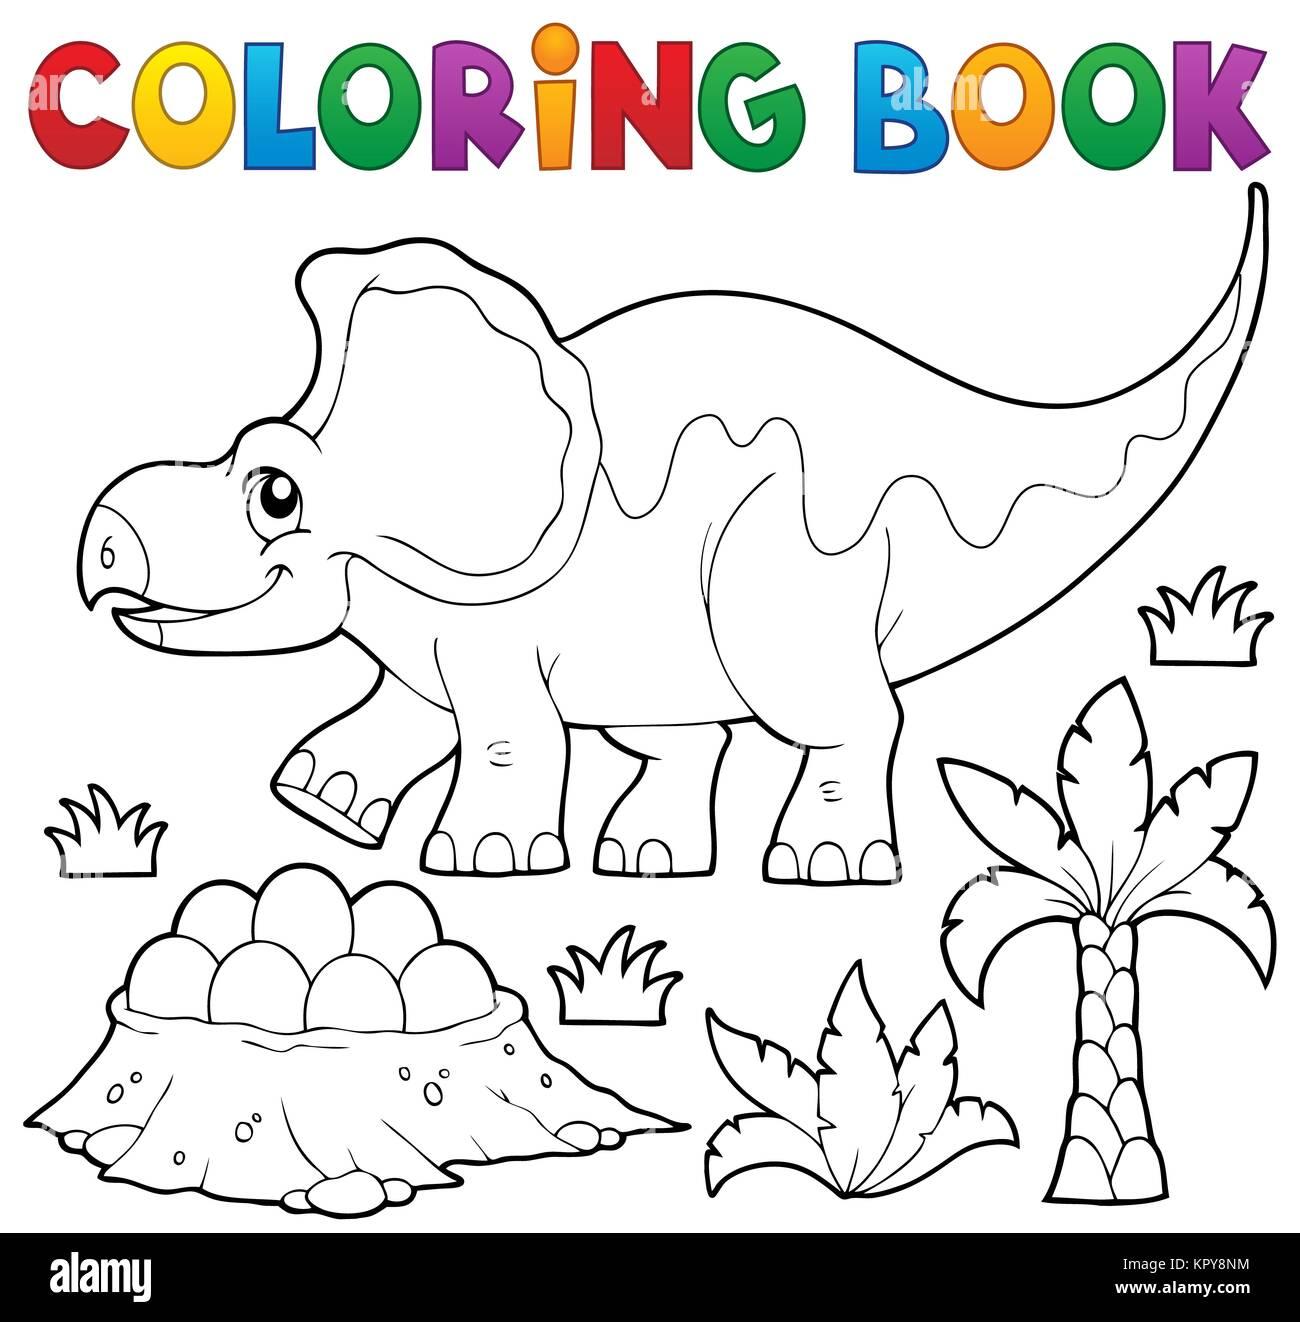 Livre Coloriage Dinosaure.Livre De Coloriage Dinosaure Sujet 3 Banque D Images Photo Stock